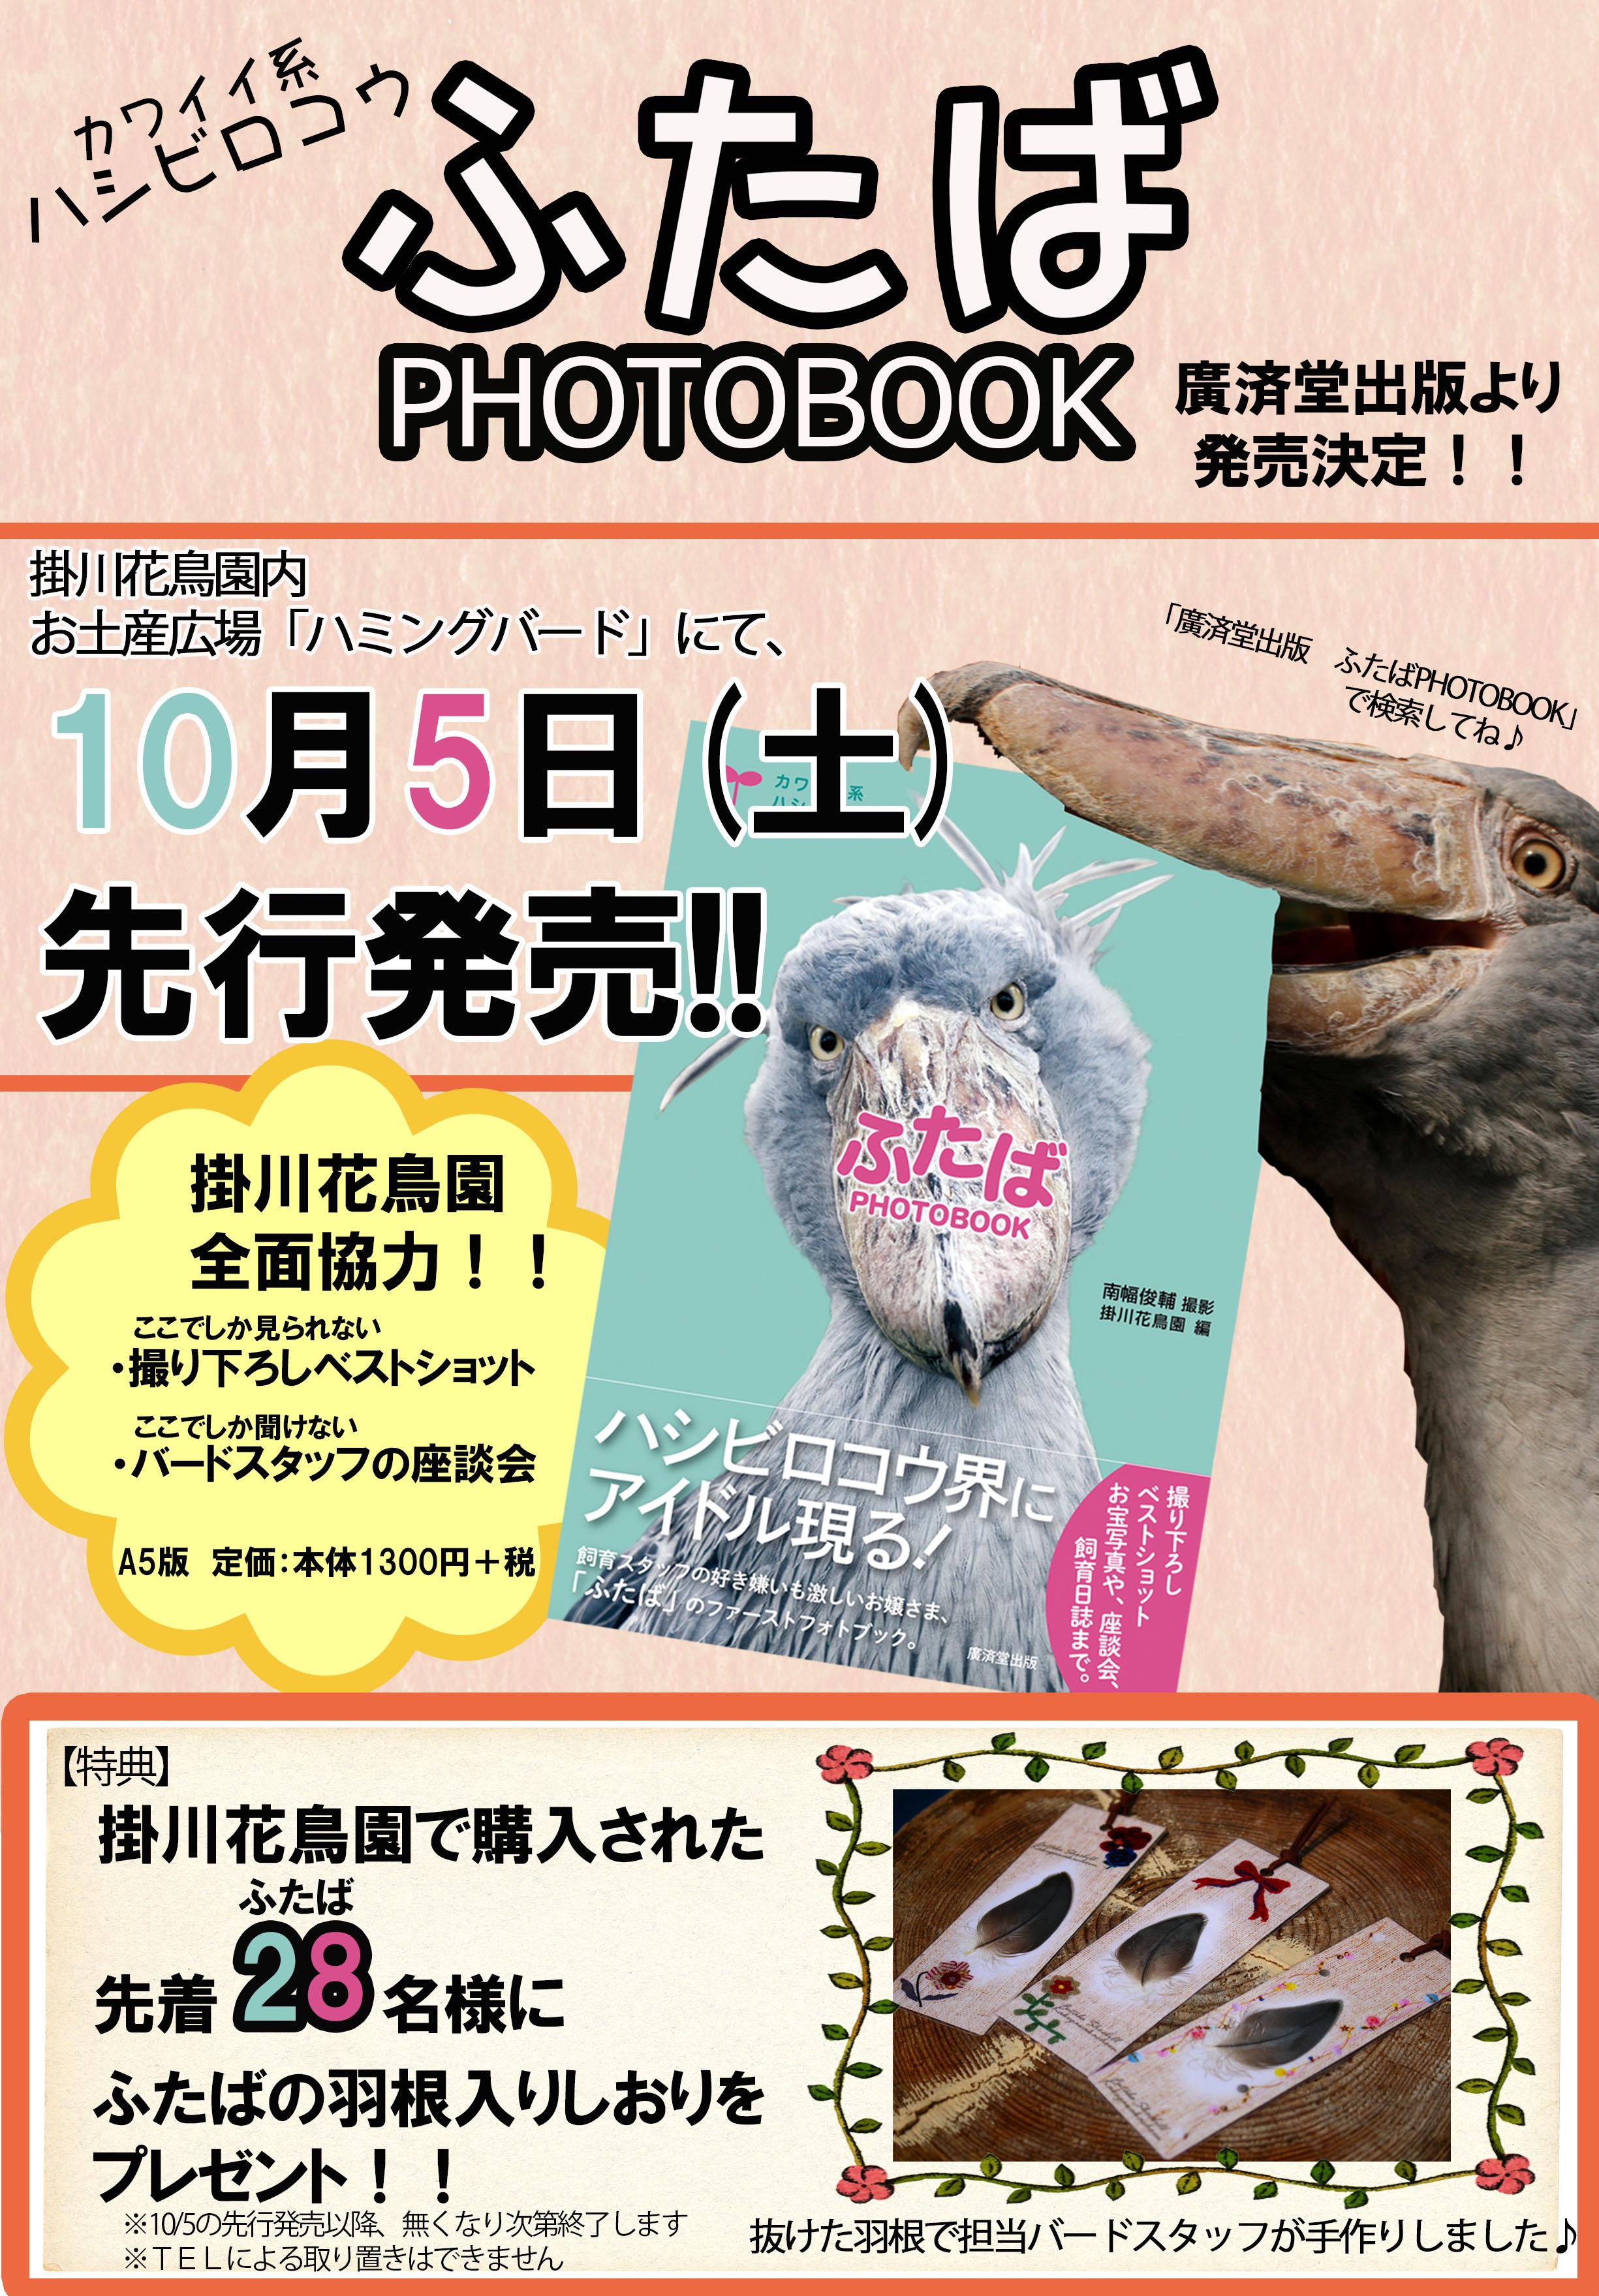 ふたばPHOTOBOOK先行販売ポスター